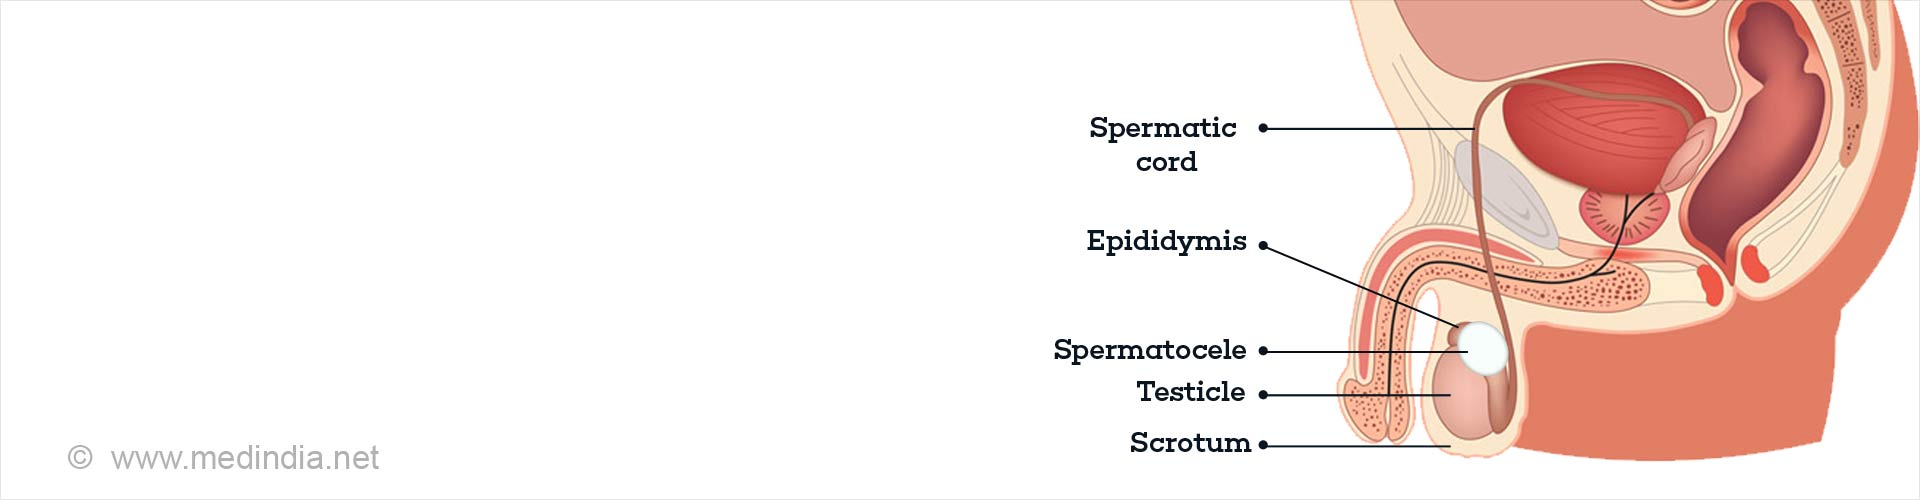 Spermatocele